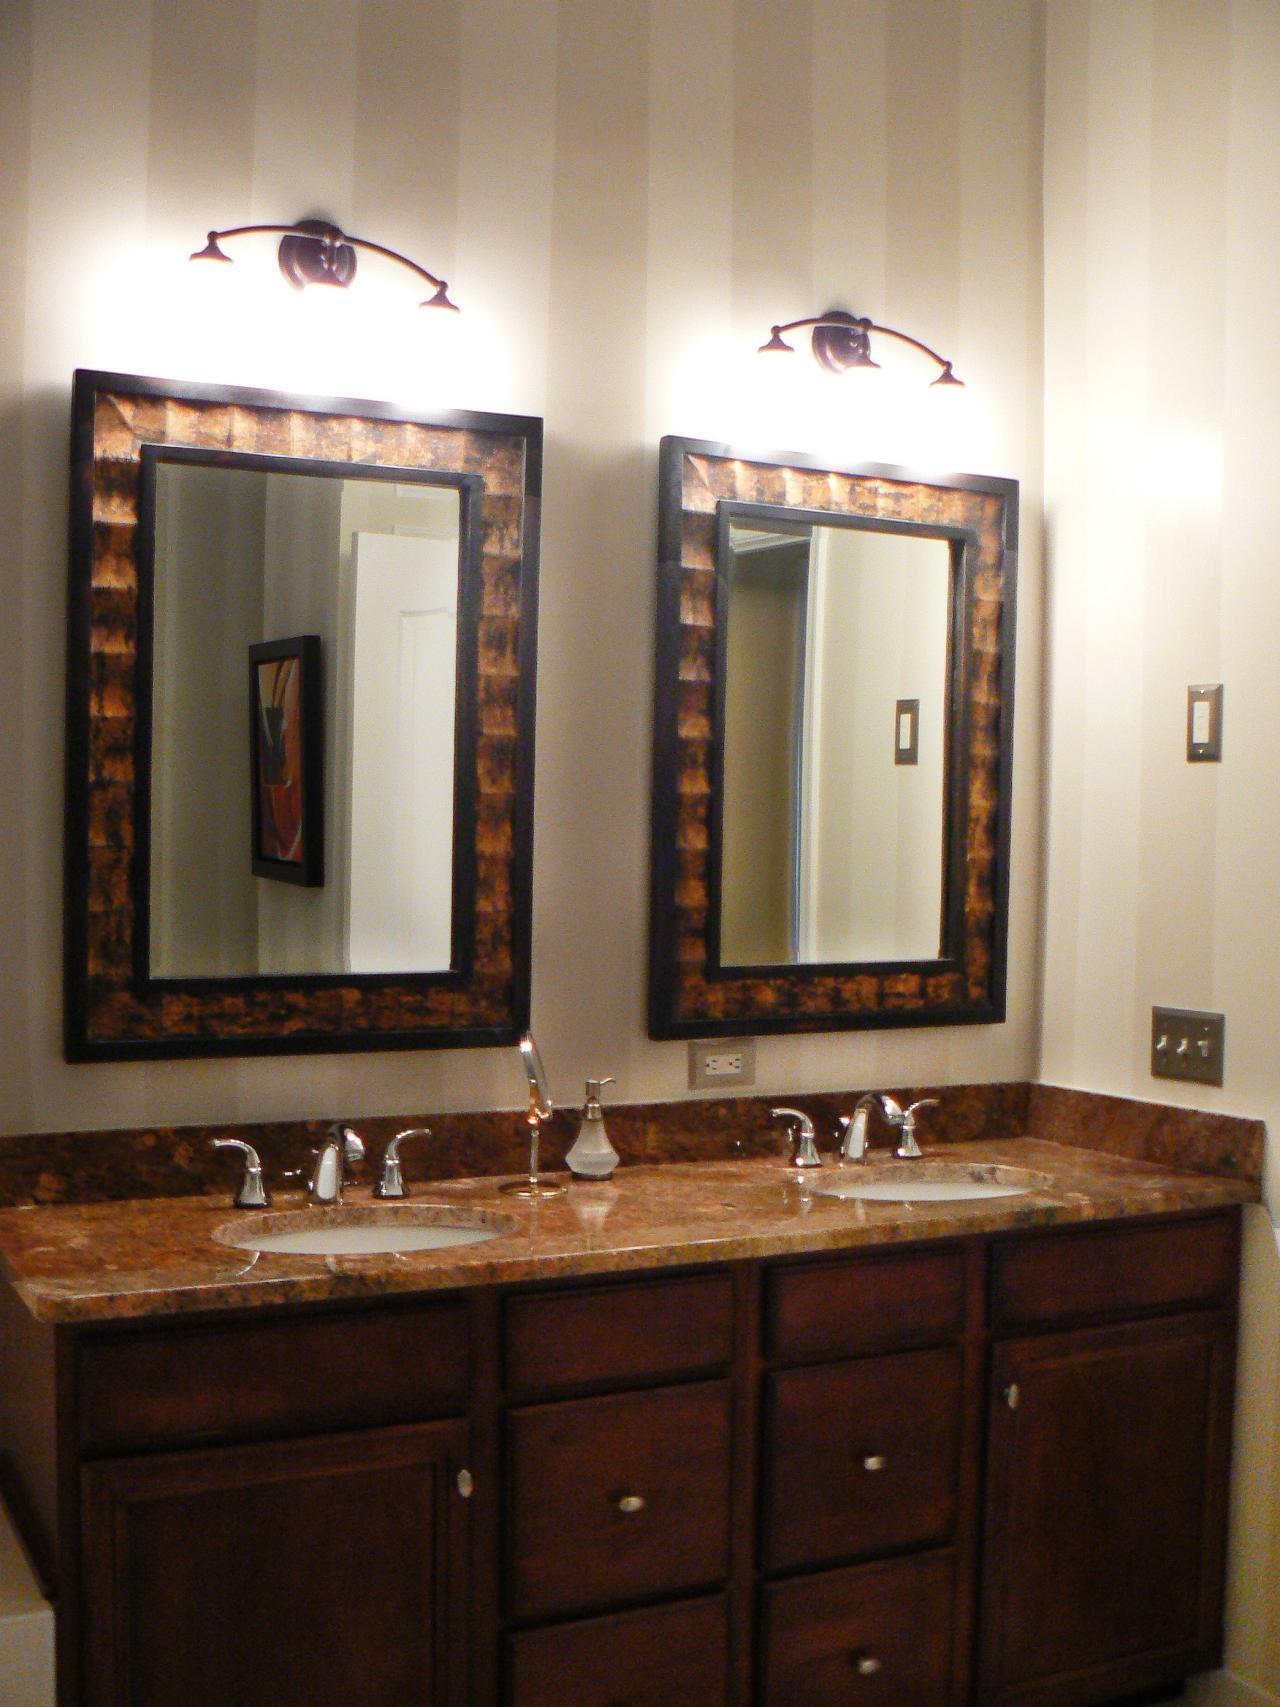 Bathroom Vanity Mirror Ideas – Bathroom Vanity Mirror Ideas Within Small Bathroom Vanity Mirrors (Image 10 of 20)